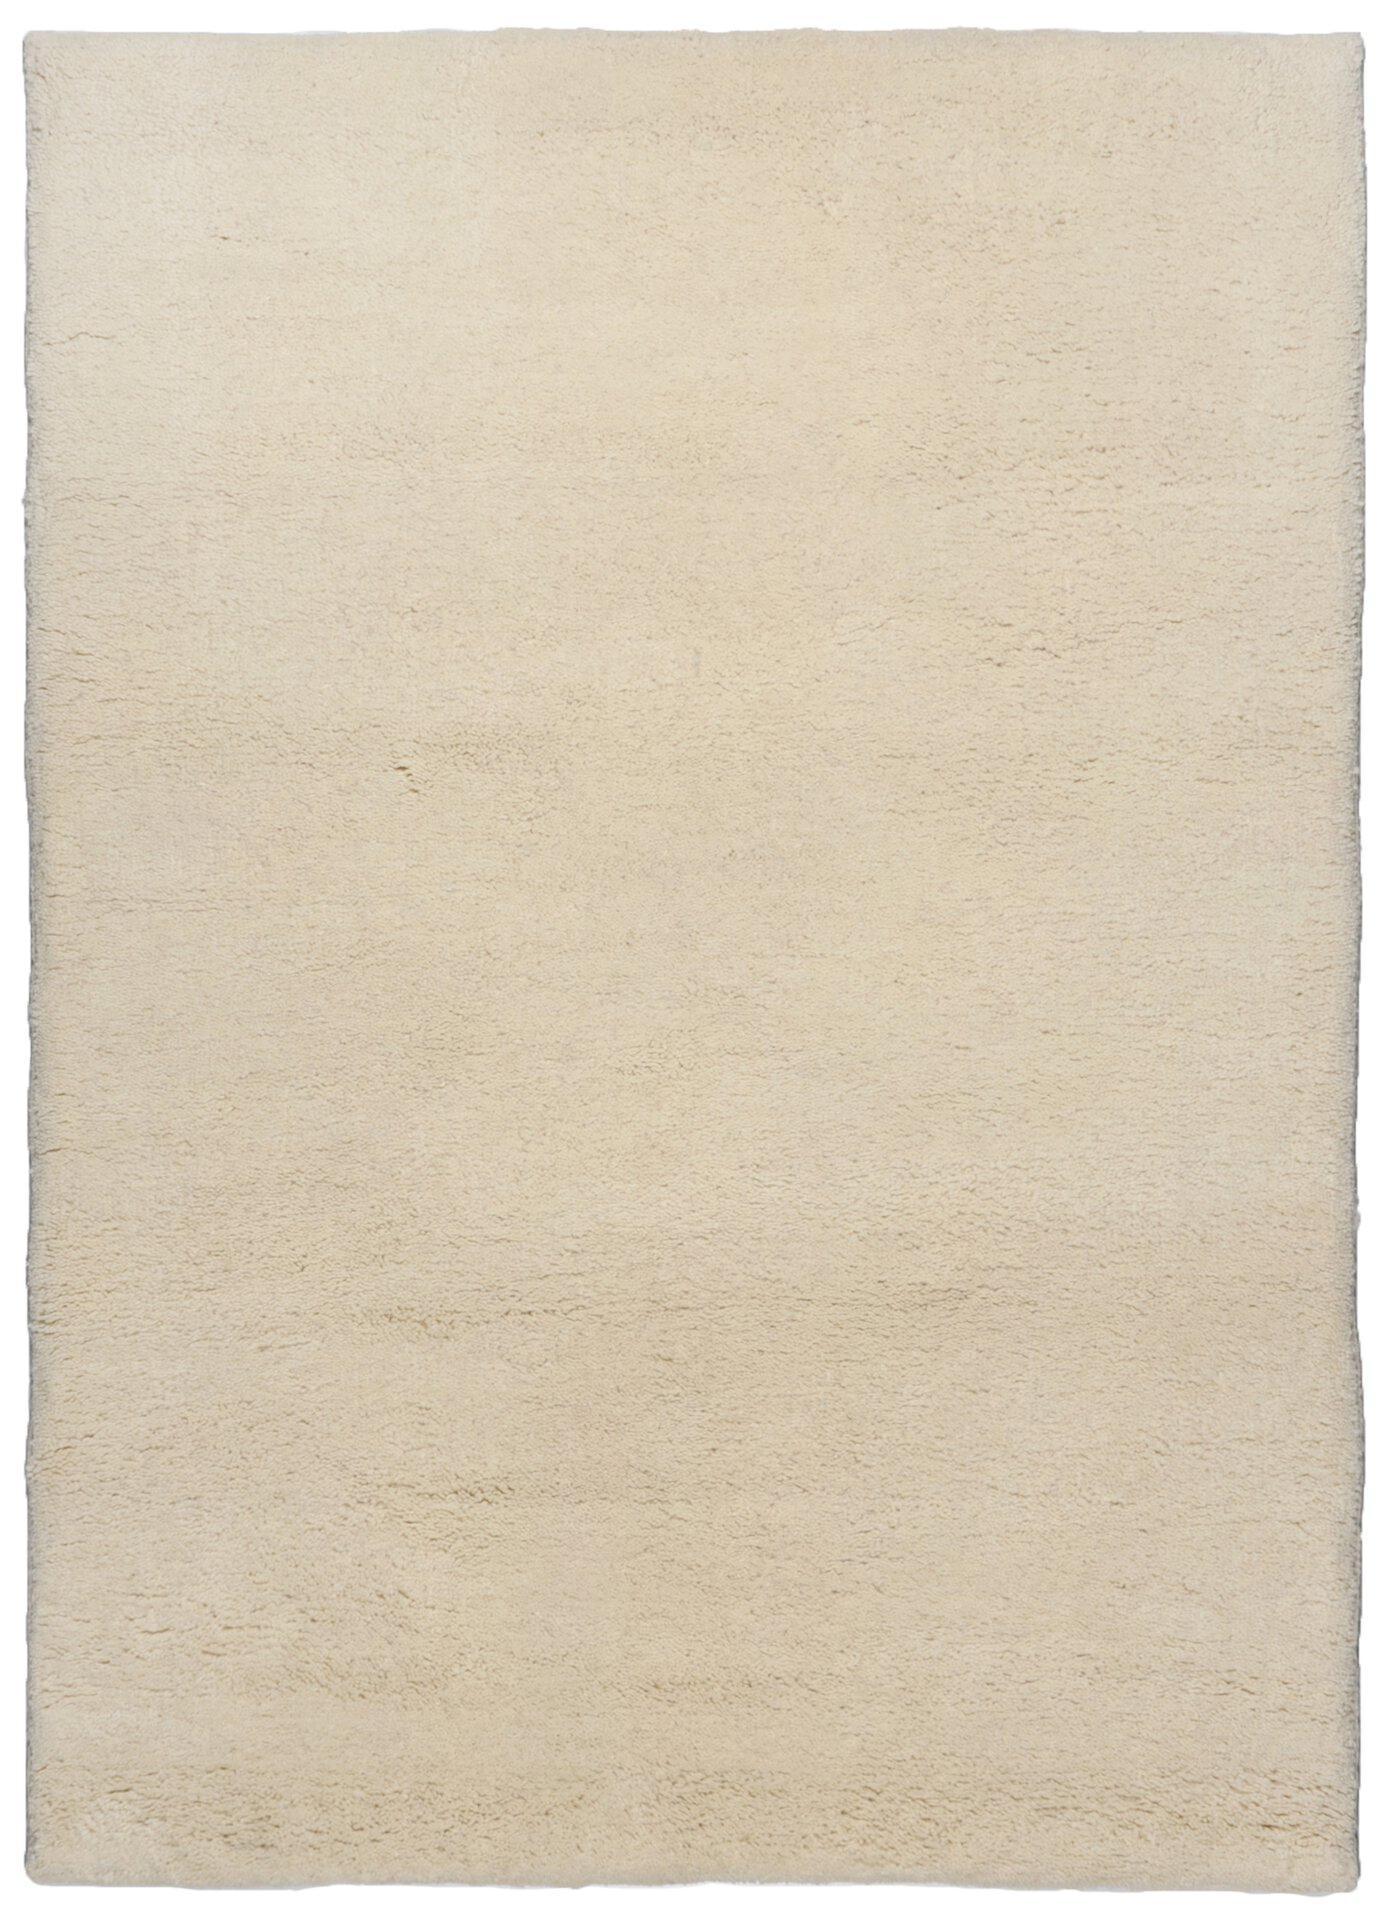 Handknüpfteppich Maroc Double Theko Textil braun 1 x 1 cm